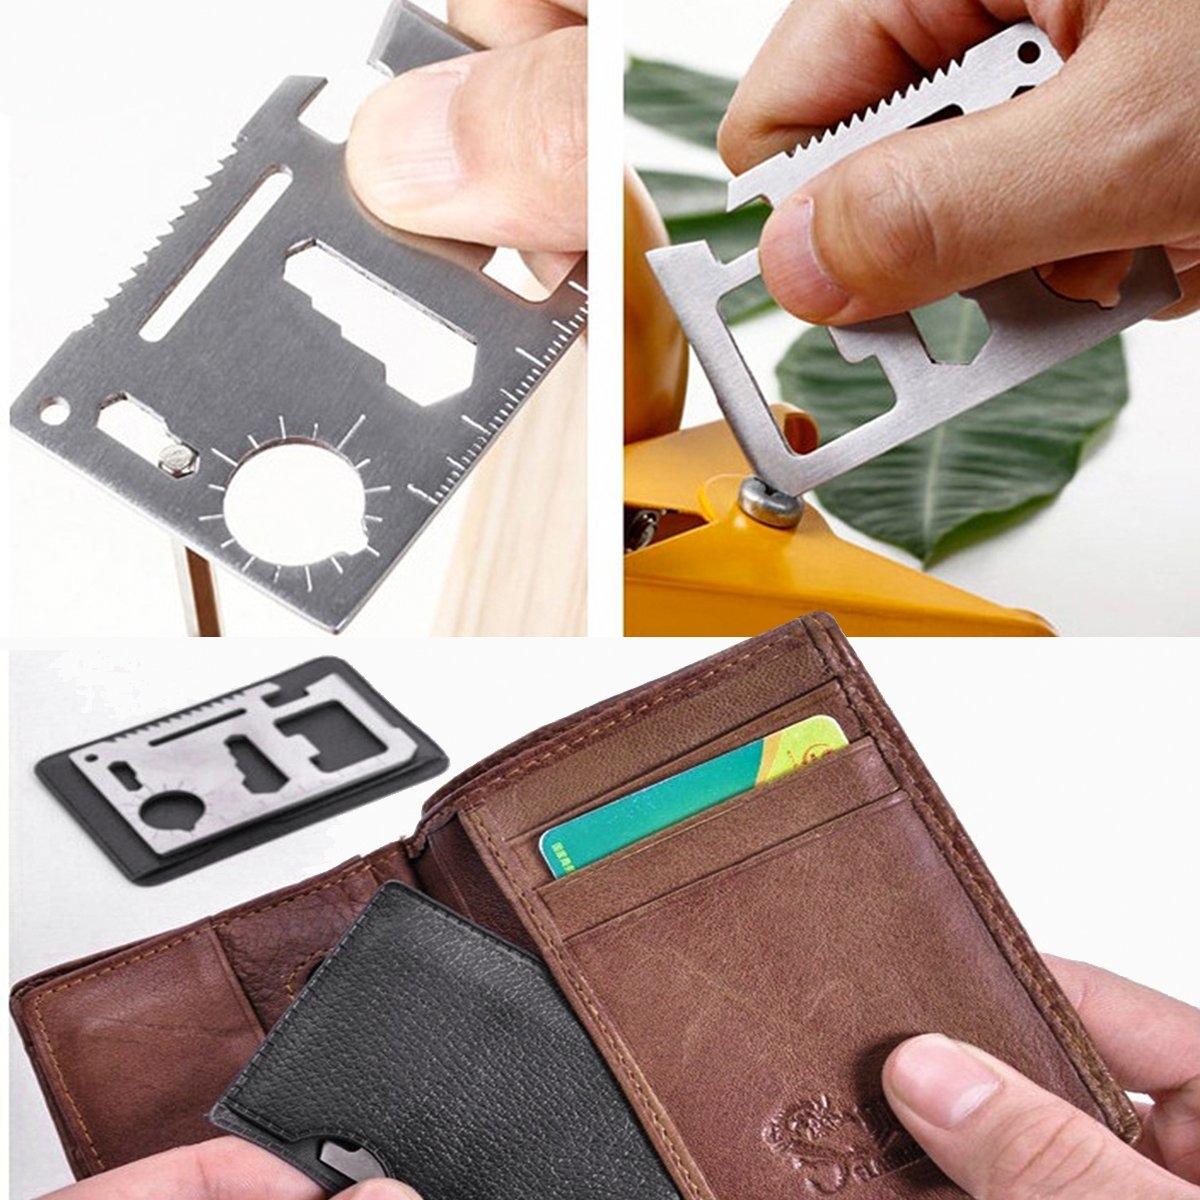 Bộ 5 Miếng Thép Đa Năng 11 Công Dụng Thẻ Phượt Đa Năng - Steel Credit Card Survival Tool (Màu Bạc)